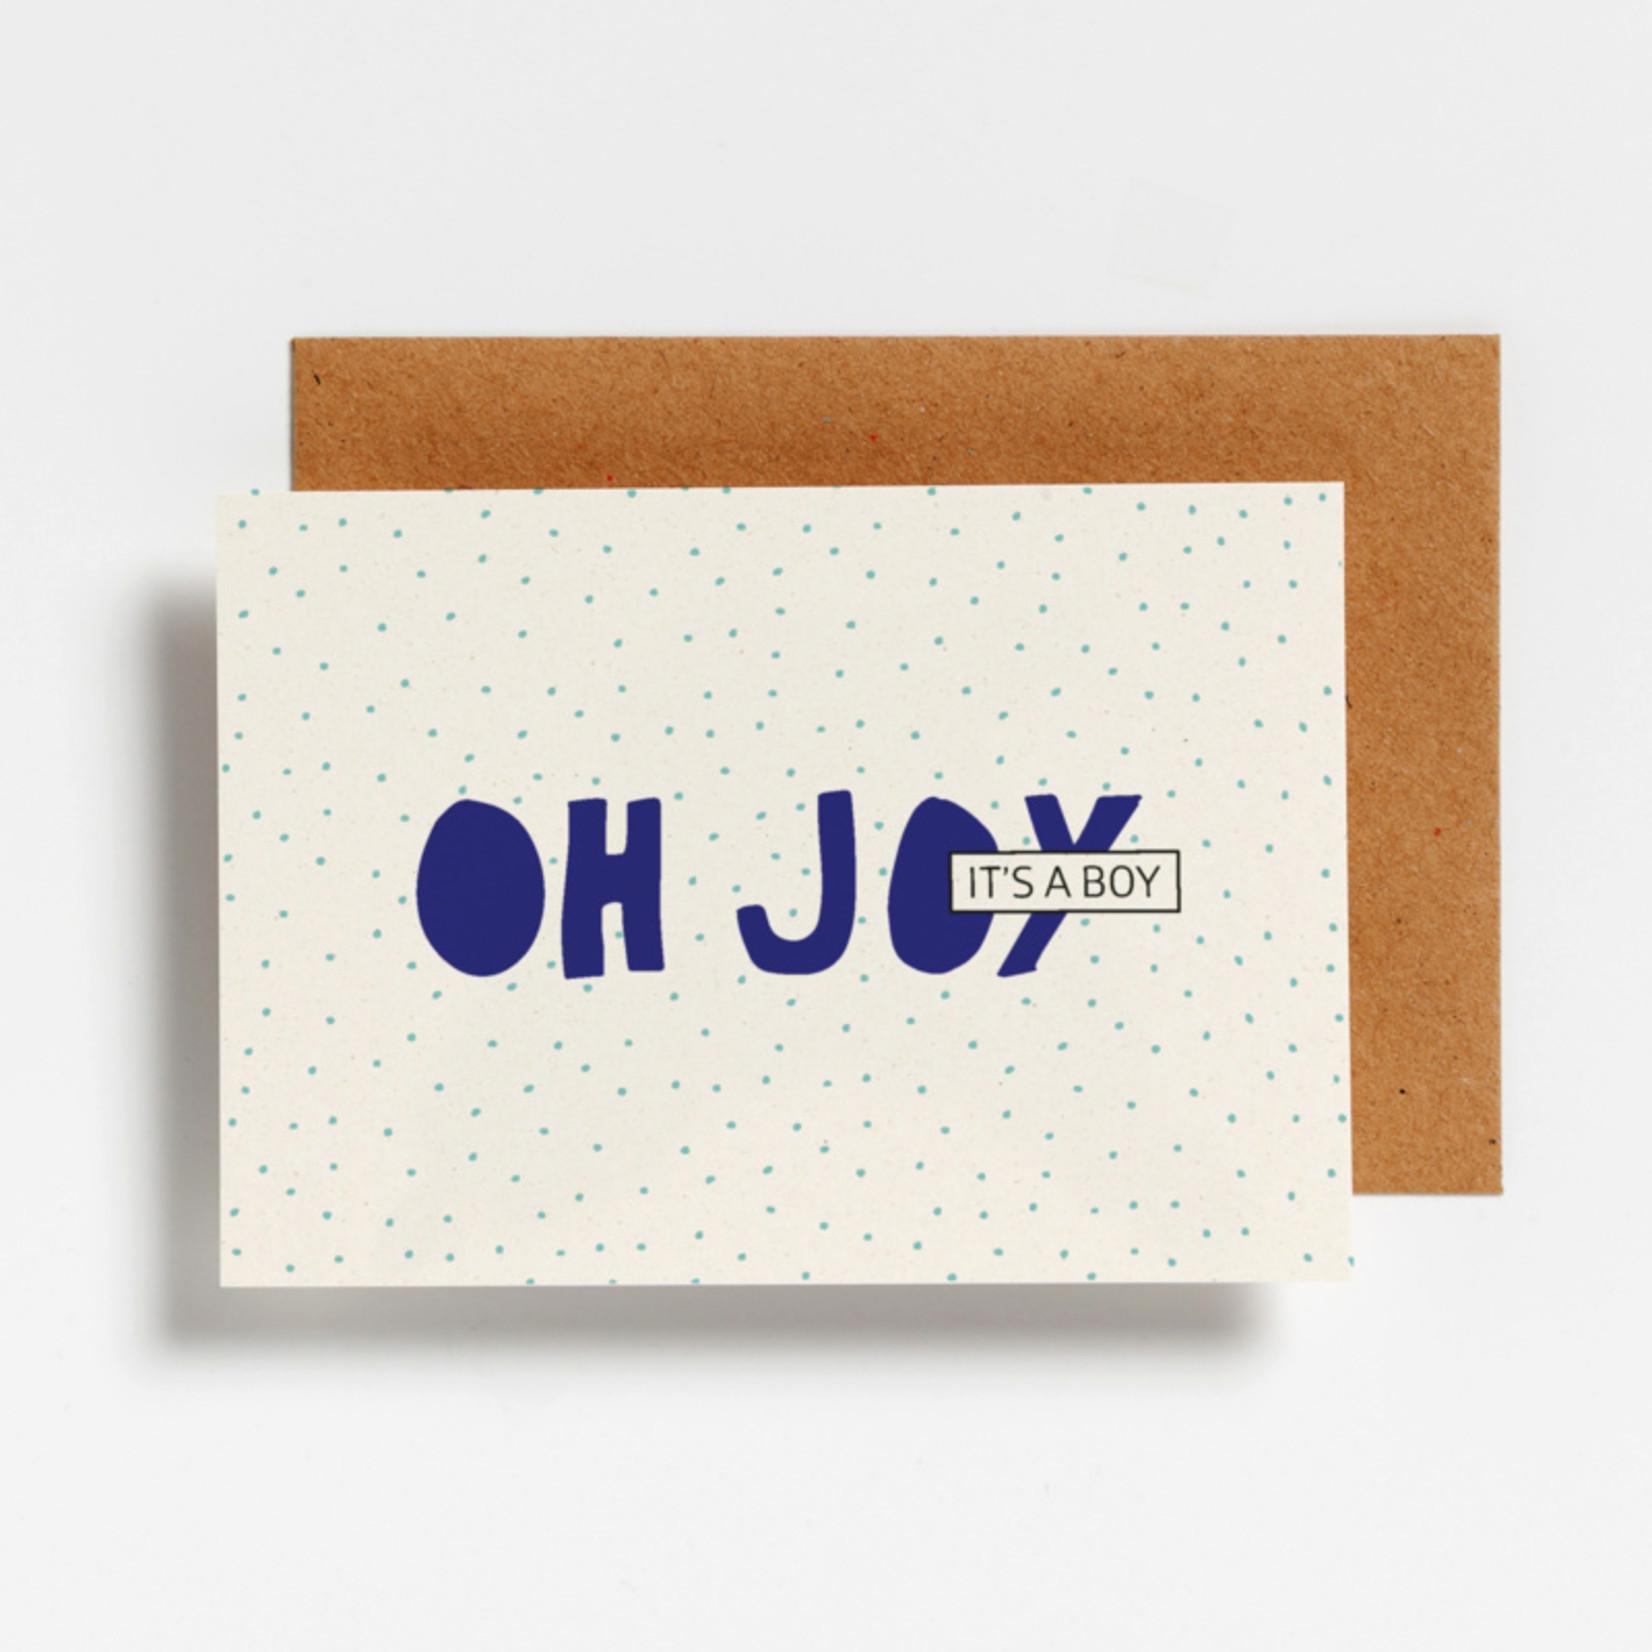 Postkaart - Oh joy it's a boy